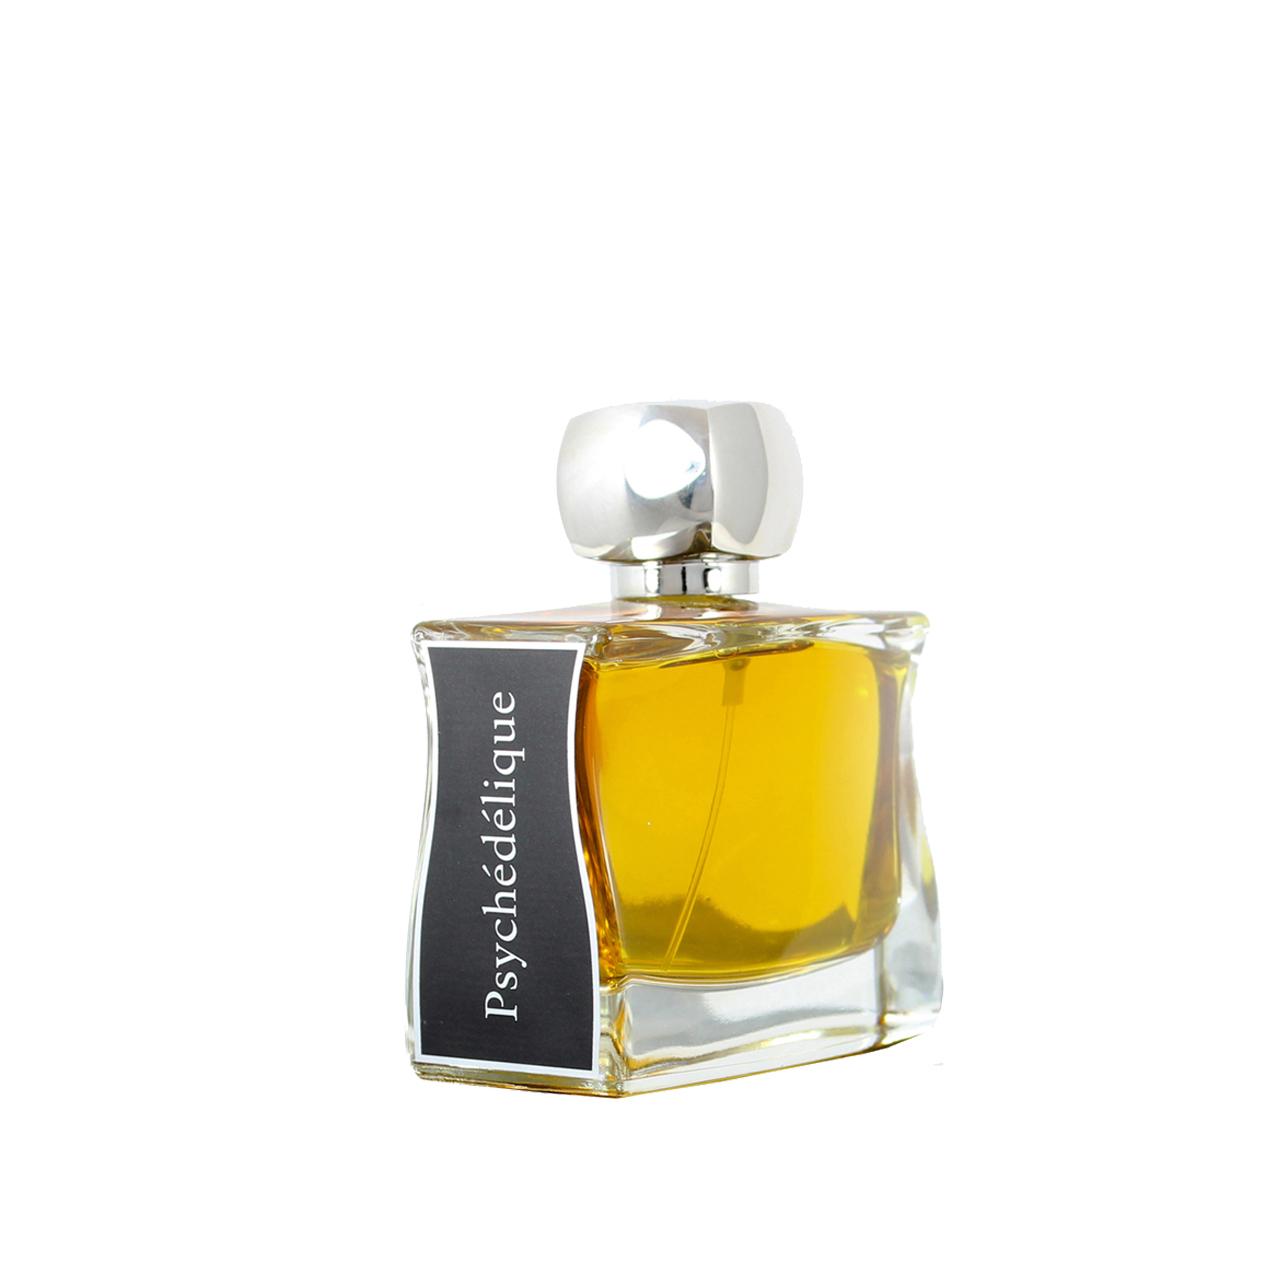 Psychédélique - Eau de Parfum